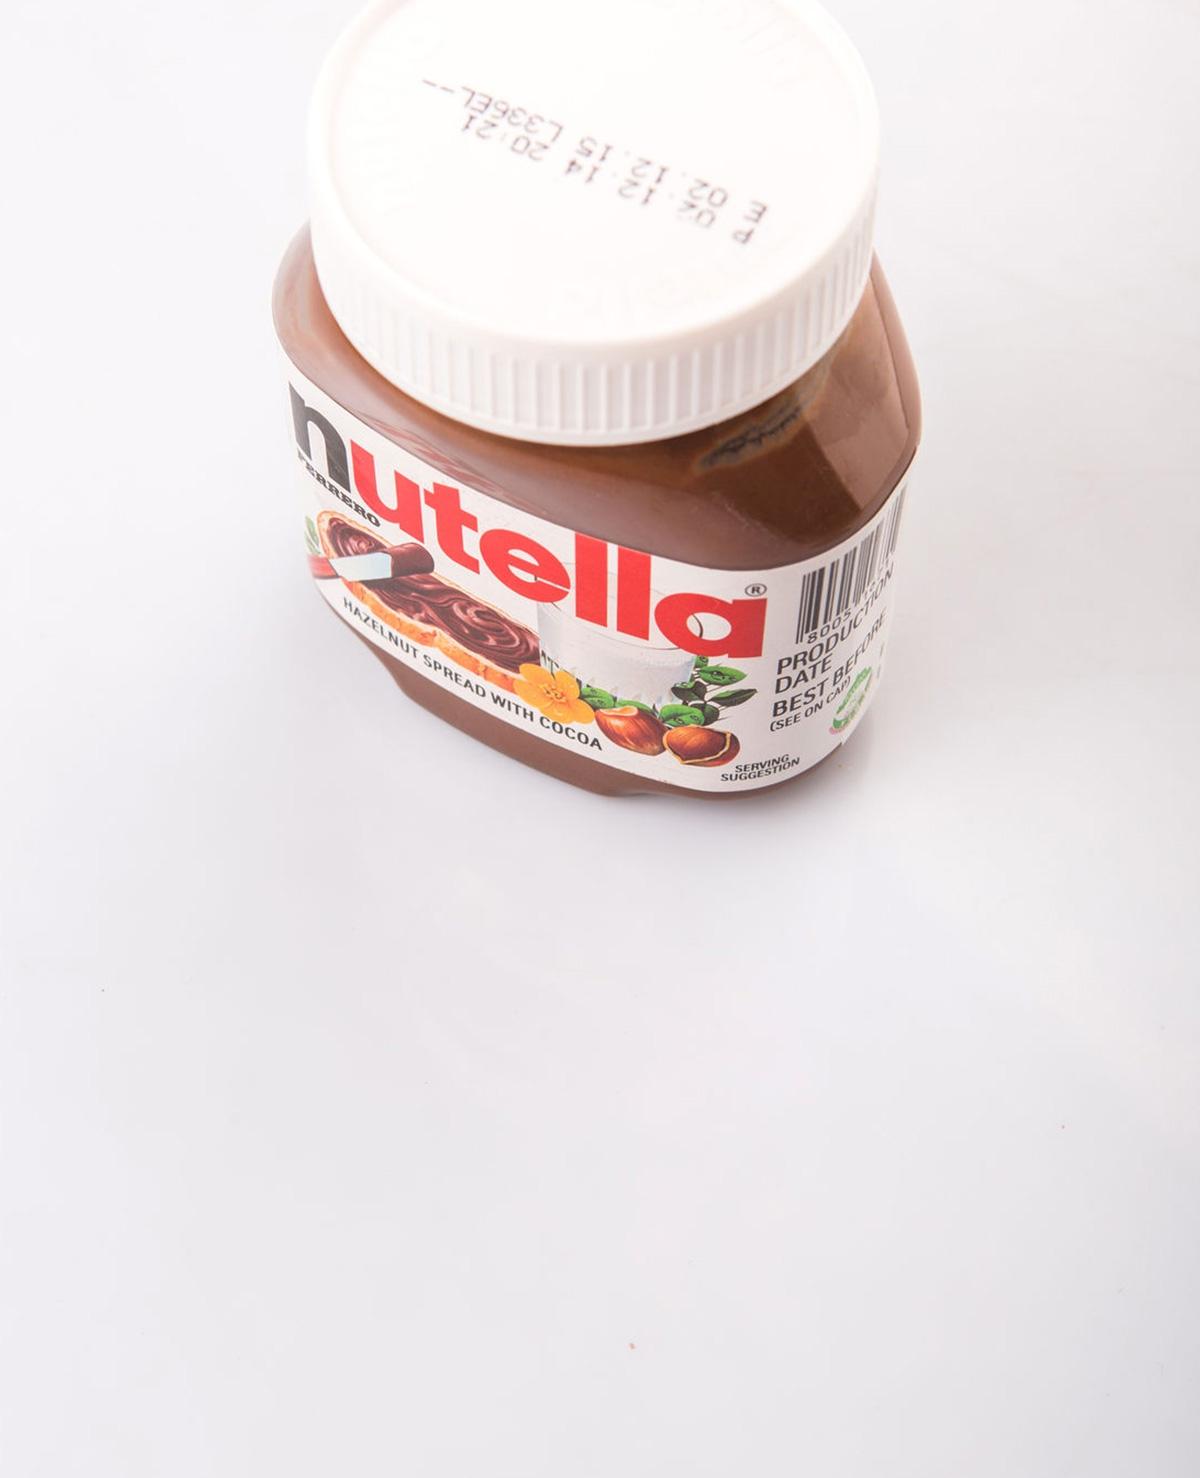 Zo maak je een supersnelle warme choco met Nutella